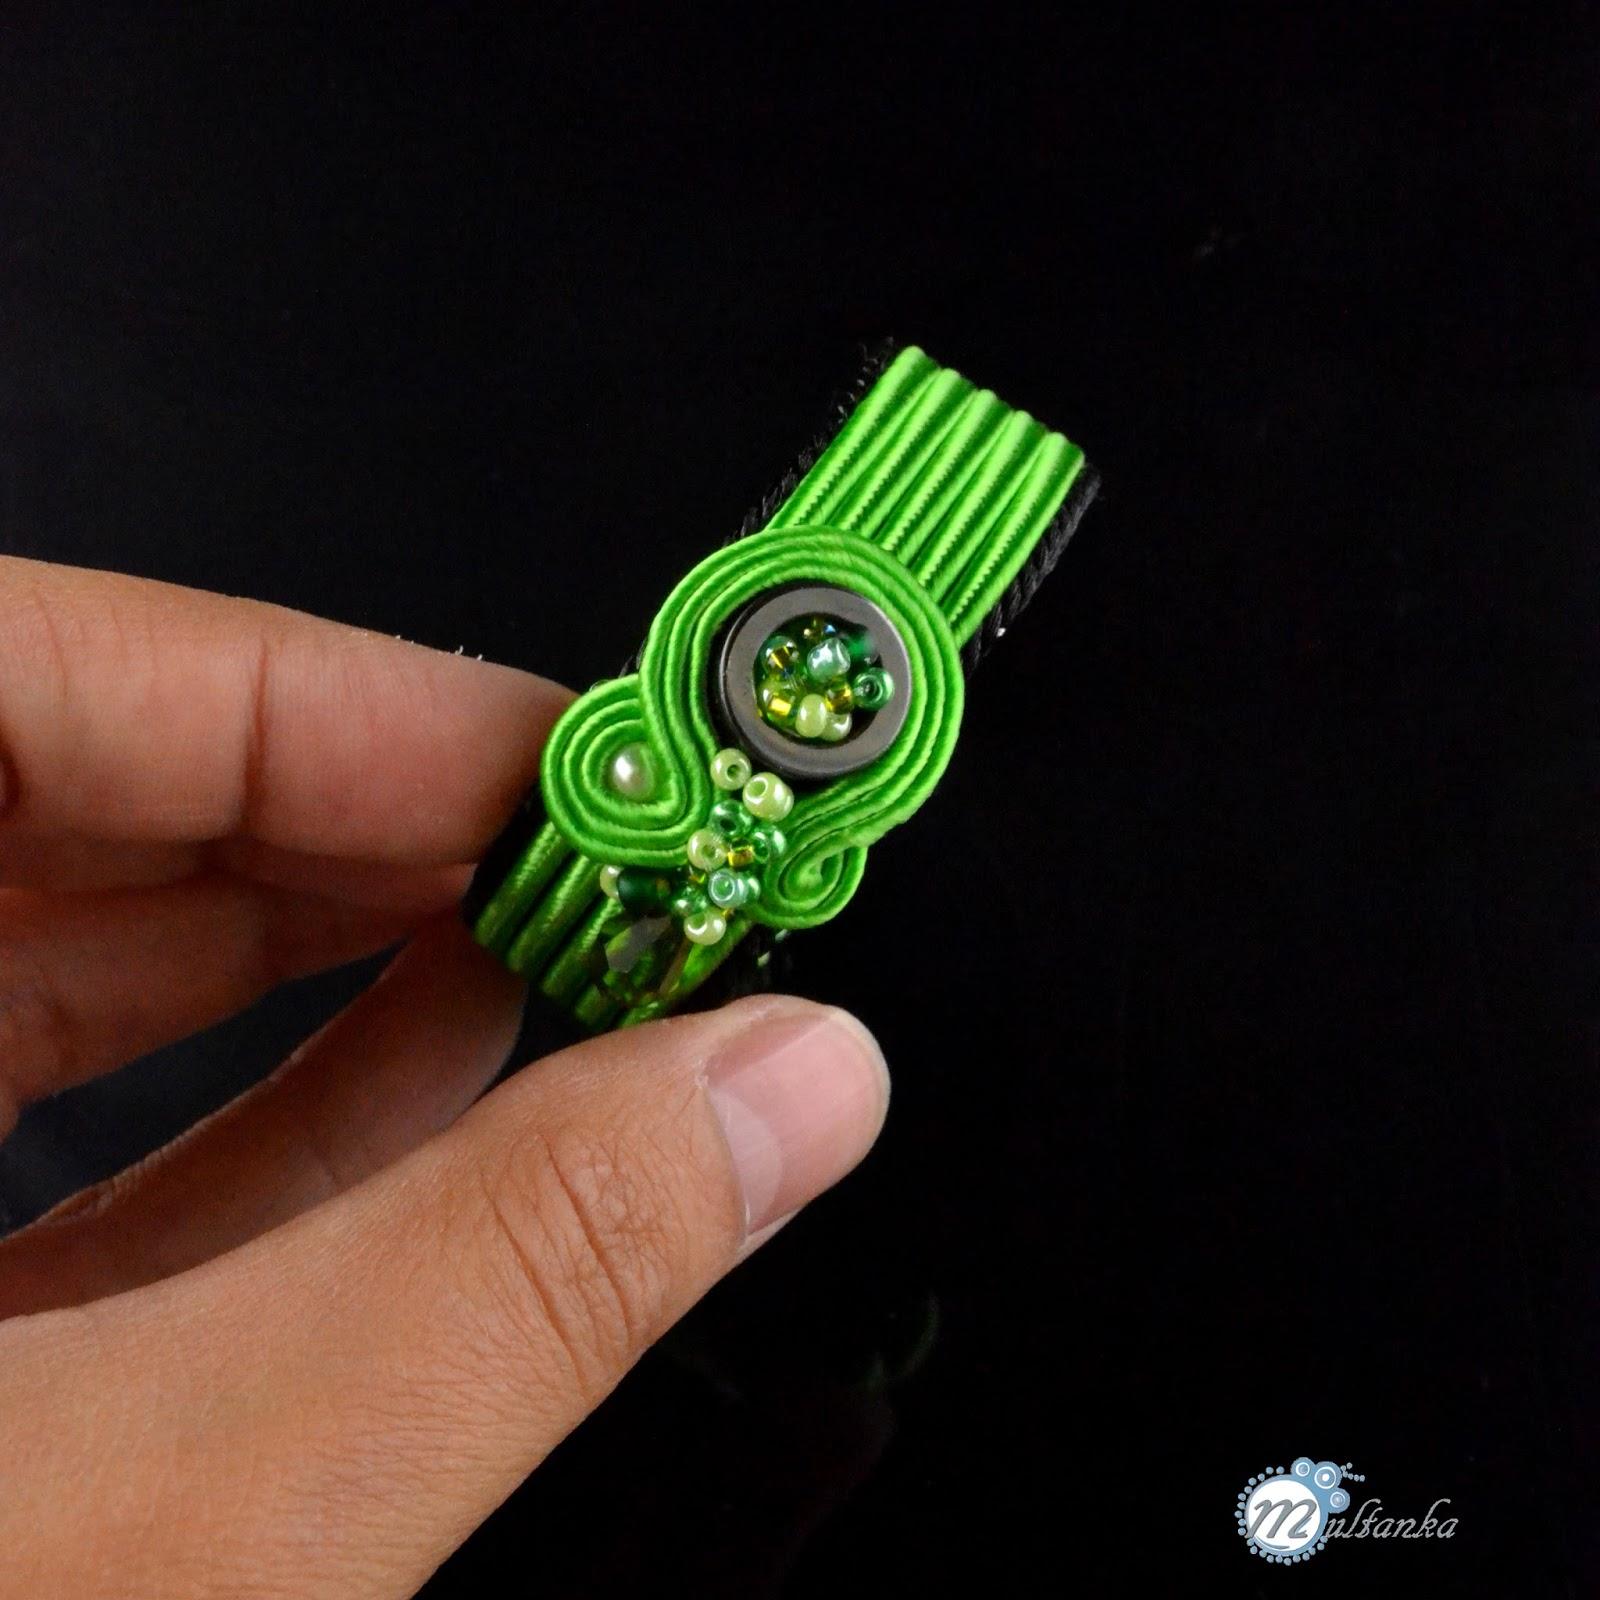 Zielona bransolteka soutache - wykonanie multanka